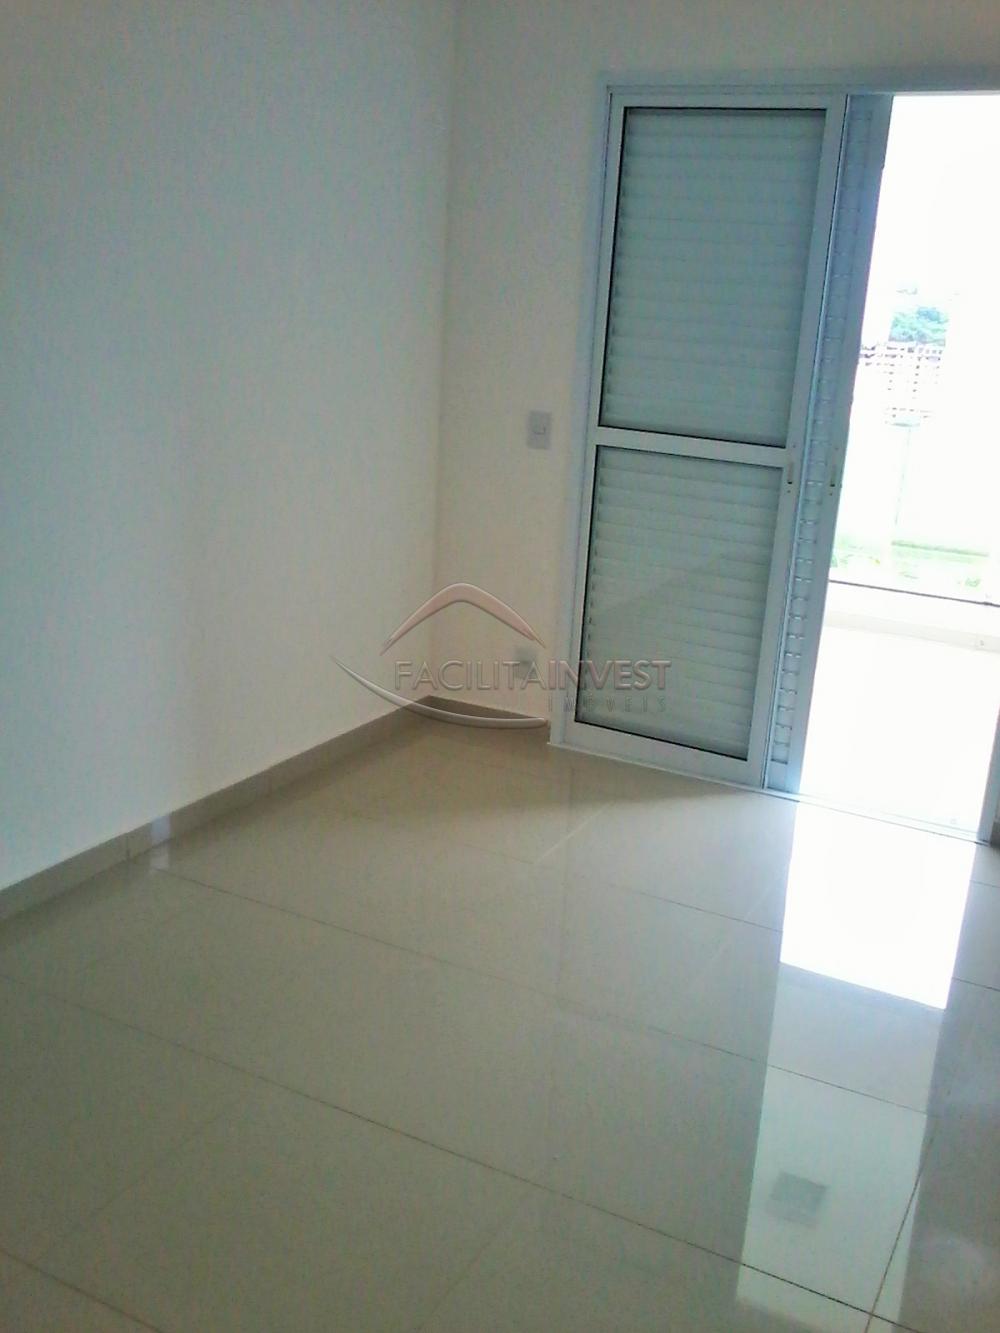 Alugar Apartamentos / Apart. Padrão em Ribeirão Preto apenas R$ 3.000,00 - Foto 12